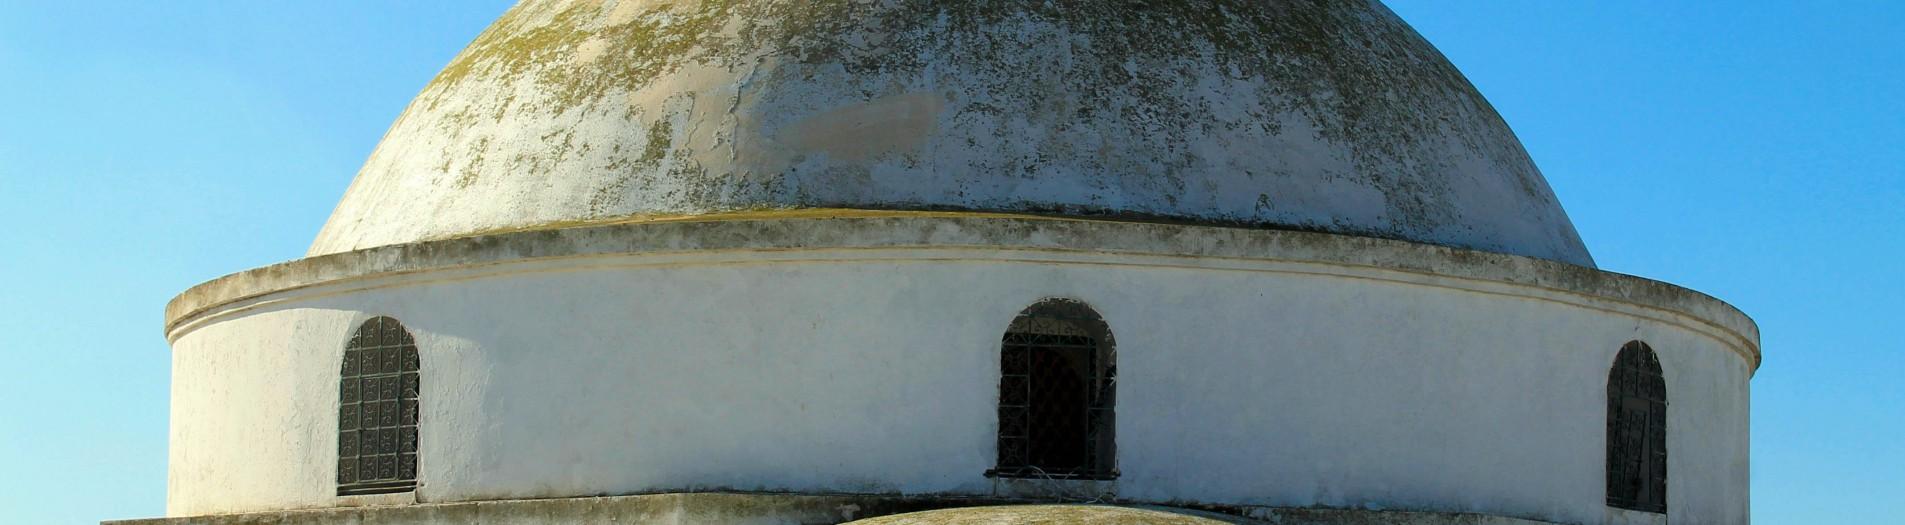 العمارة العثمانية بتونس